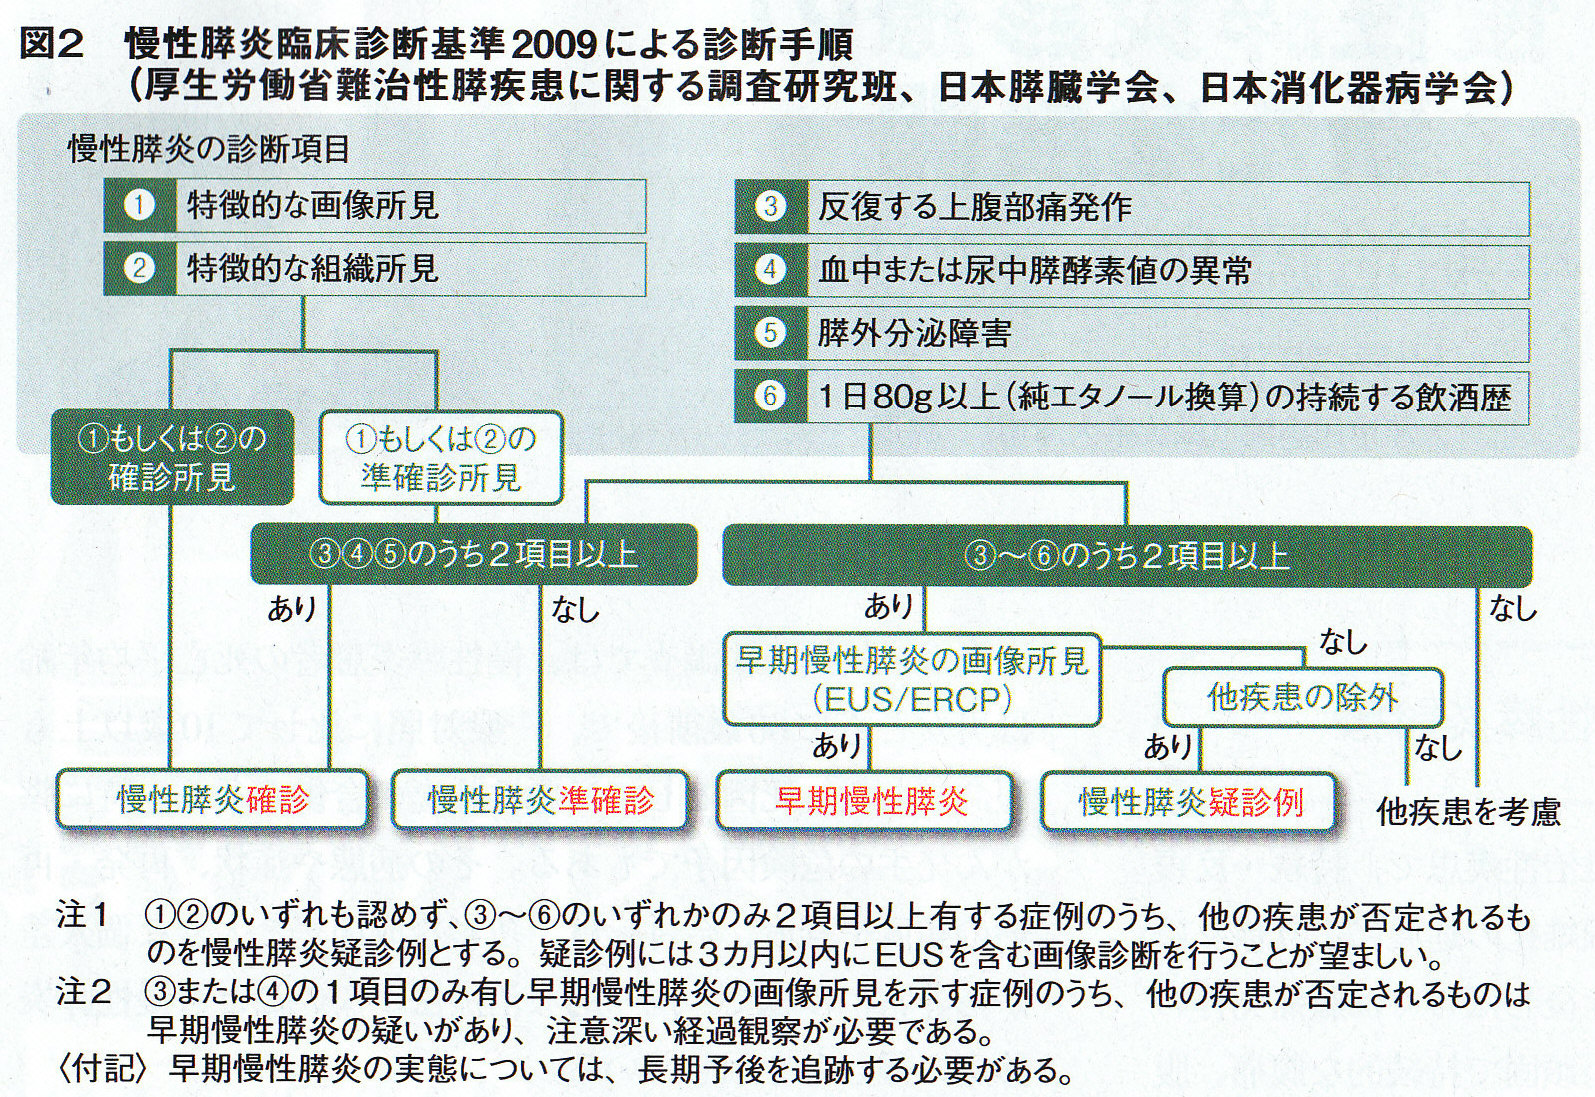 早期慢性膵炎の診断手順を示した図